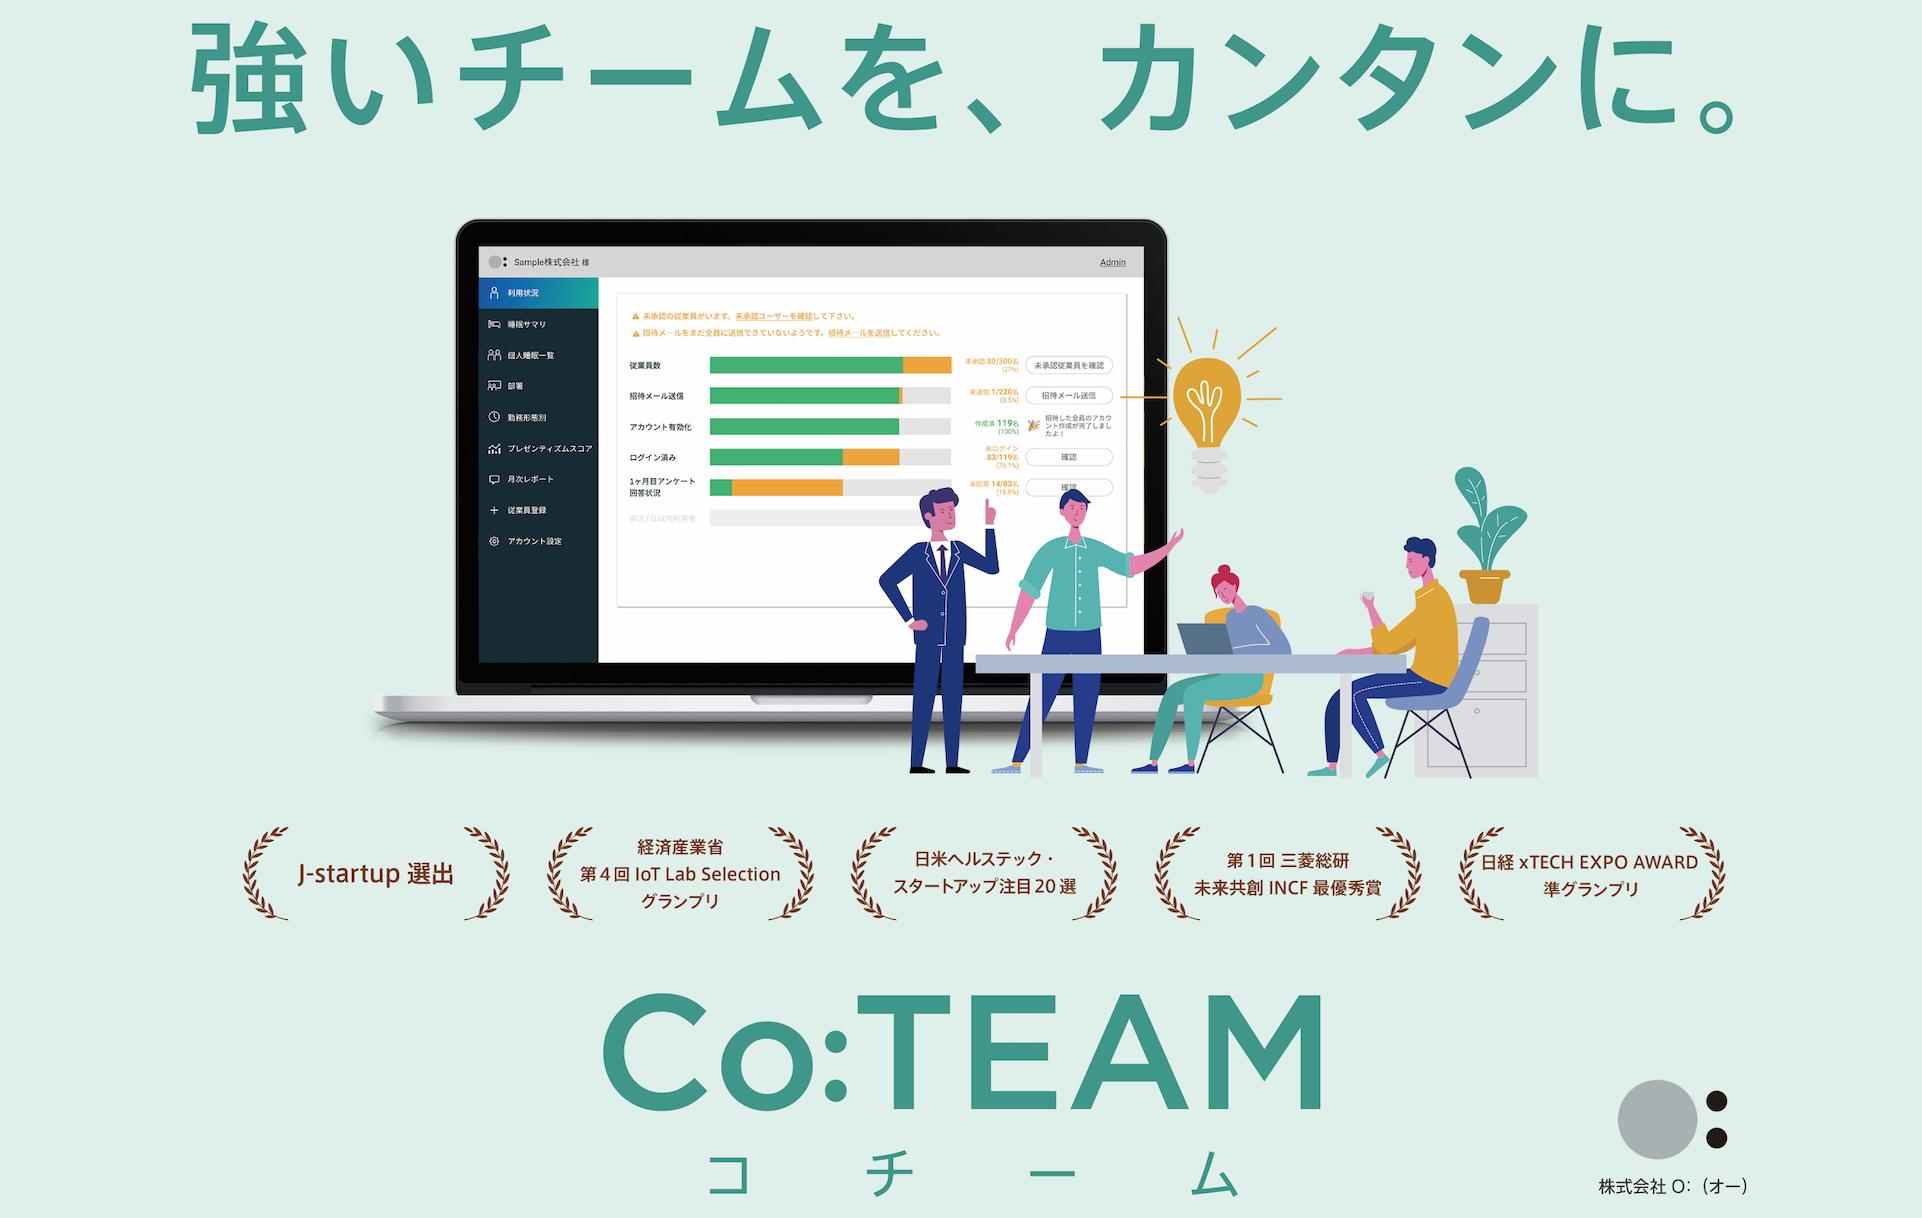 新サービス「Co:TEAM」β版をローンチしました- O:SLEEPから進化して「チームビルディング」が可能に